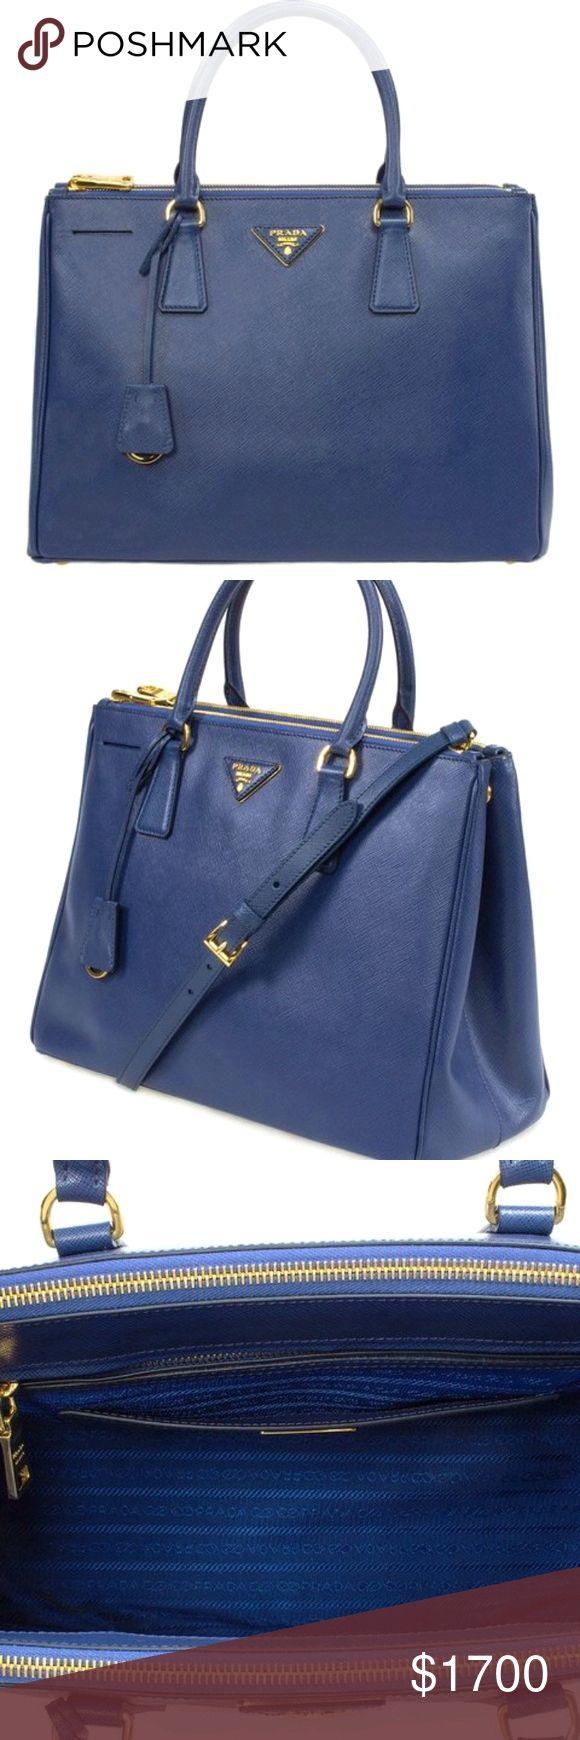 460fd1b4a9e8 Prada Galleria Medium Saffiano Bag - Blue Brand new authentic Prada Medium Saffiano  bag Navy color. Prada Bags Totes #fashionhandbags